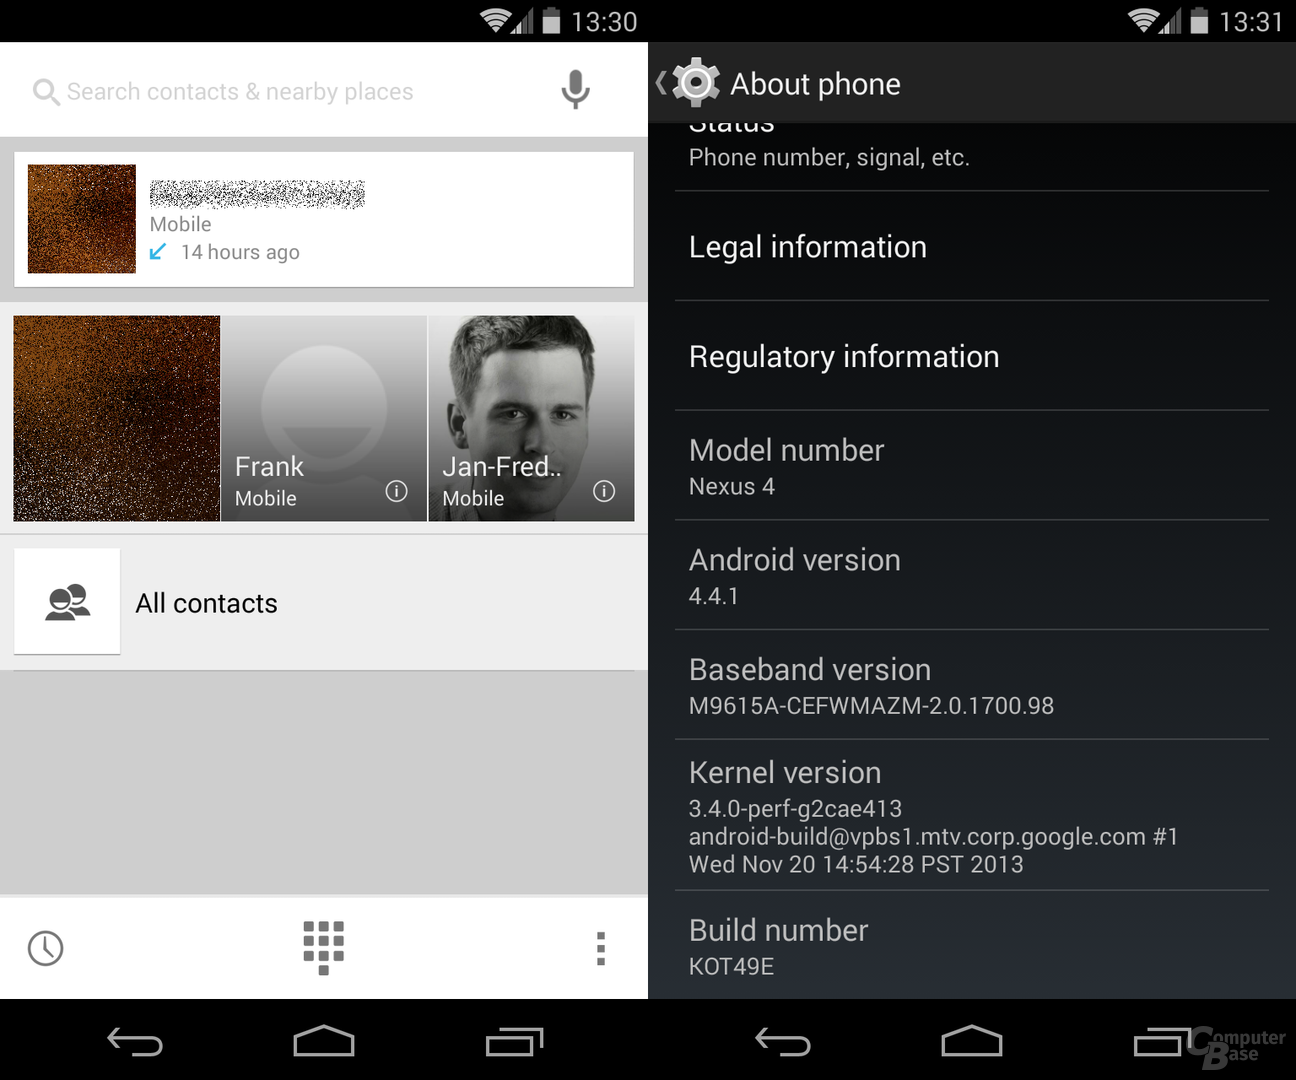 Alle Kontakte mit größerer Schaltfläche / Android 4.4.1, neuer Kernel